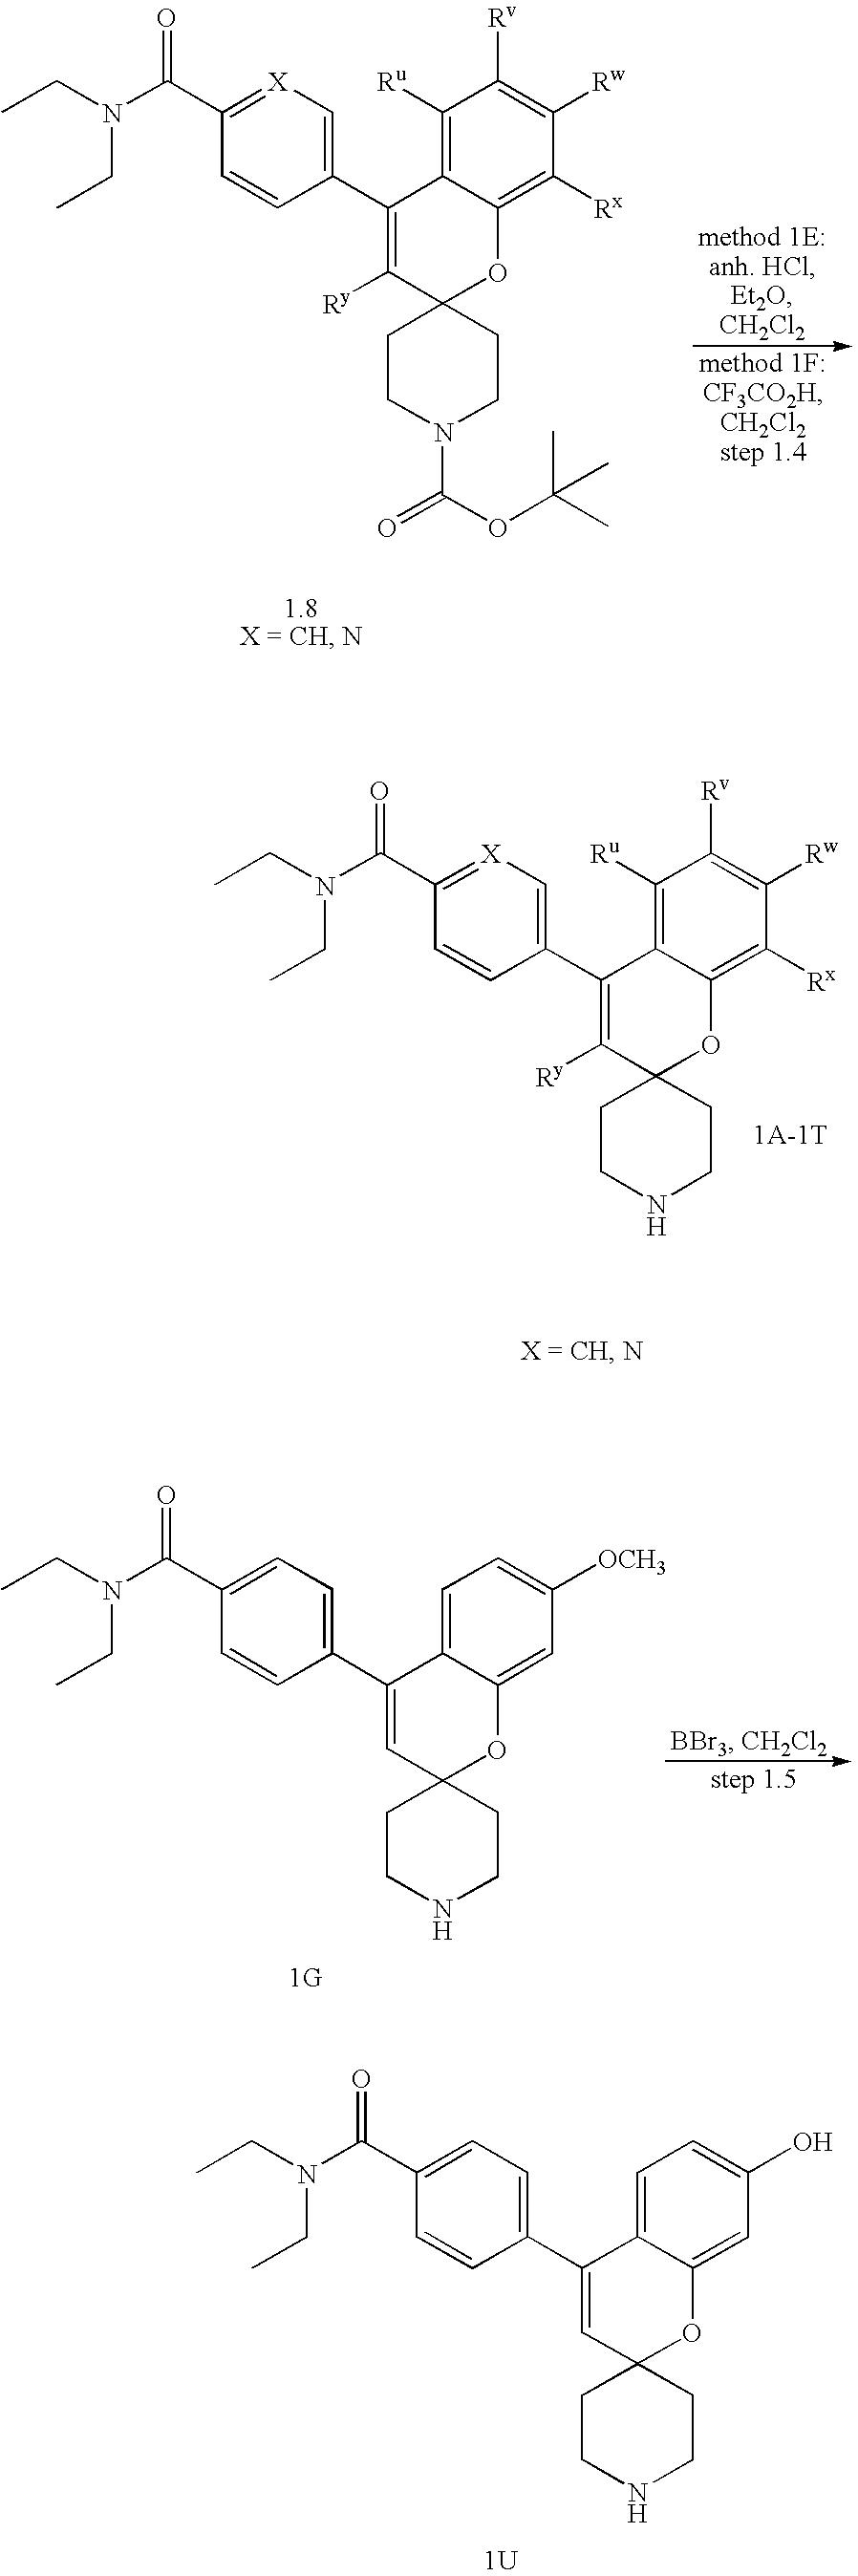 Figure US07598261-20091006-C00116